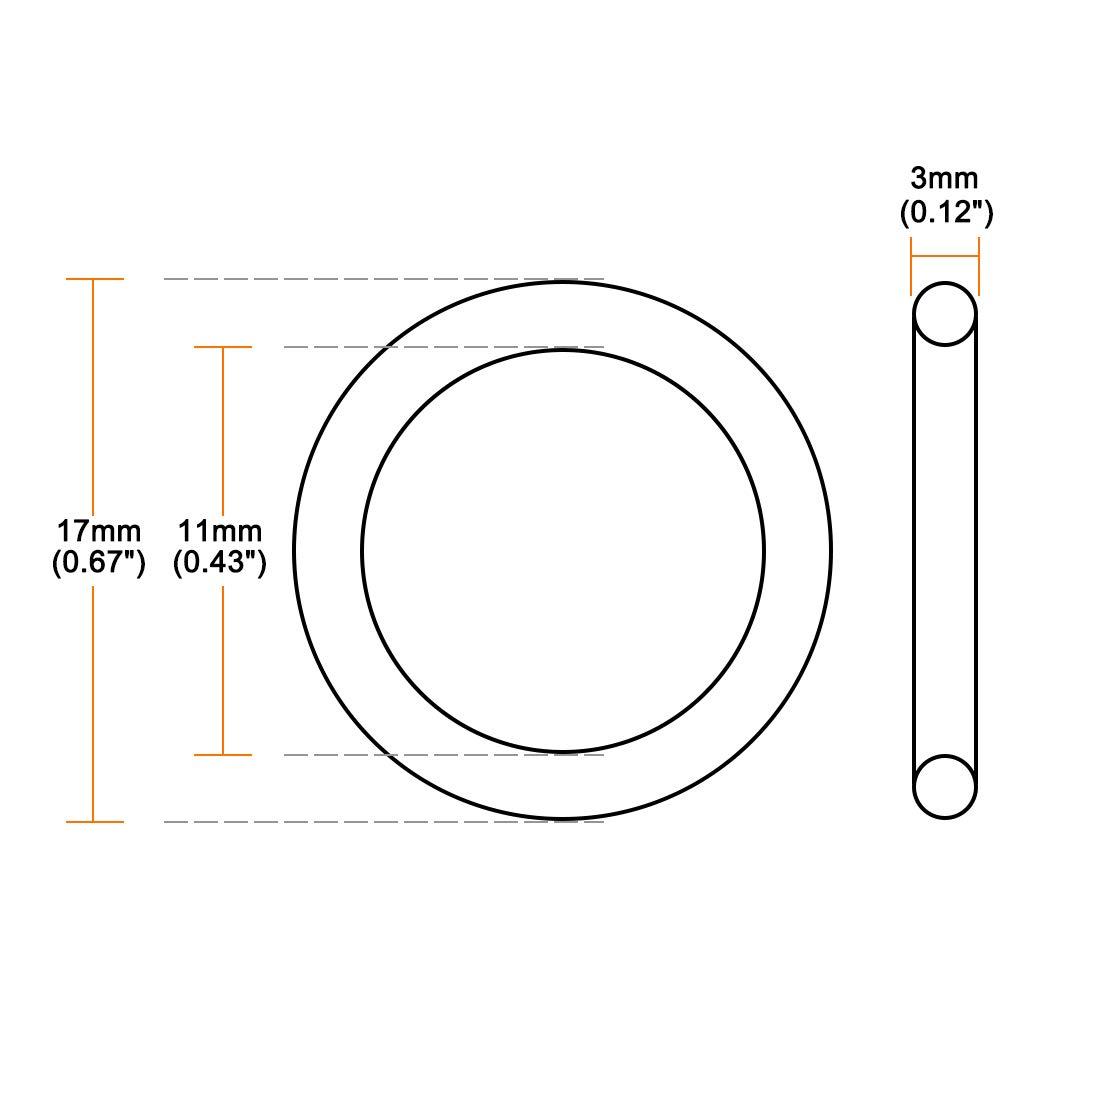 junta de sellado 4 mm 10 unidades Sourcingmap juntas t/óricas de silicona 3 mm de ancho 27 mm de di/ámetro interior